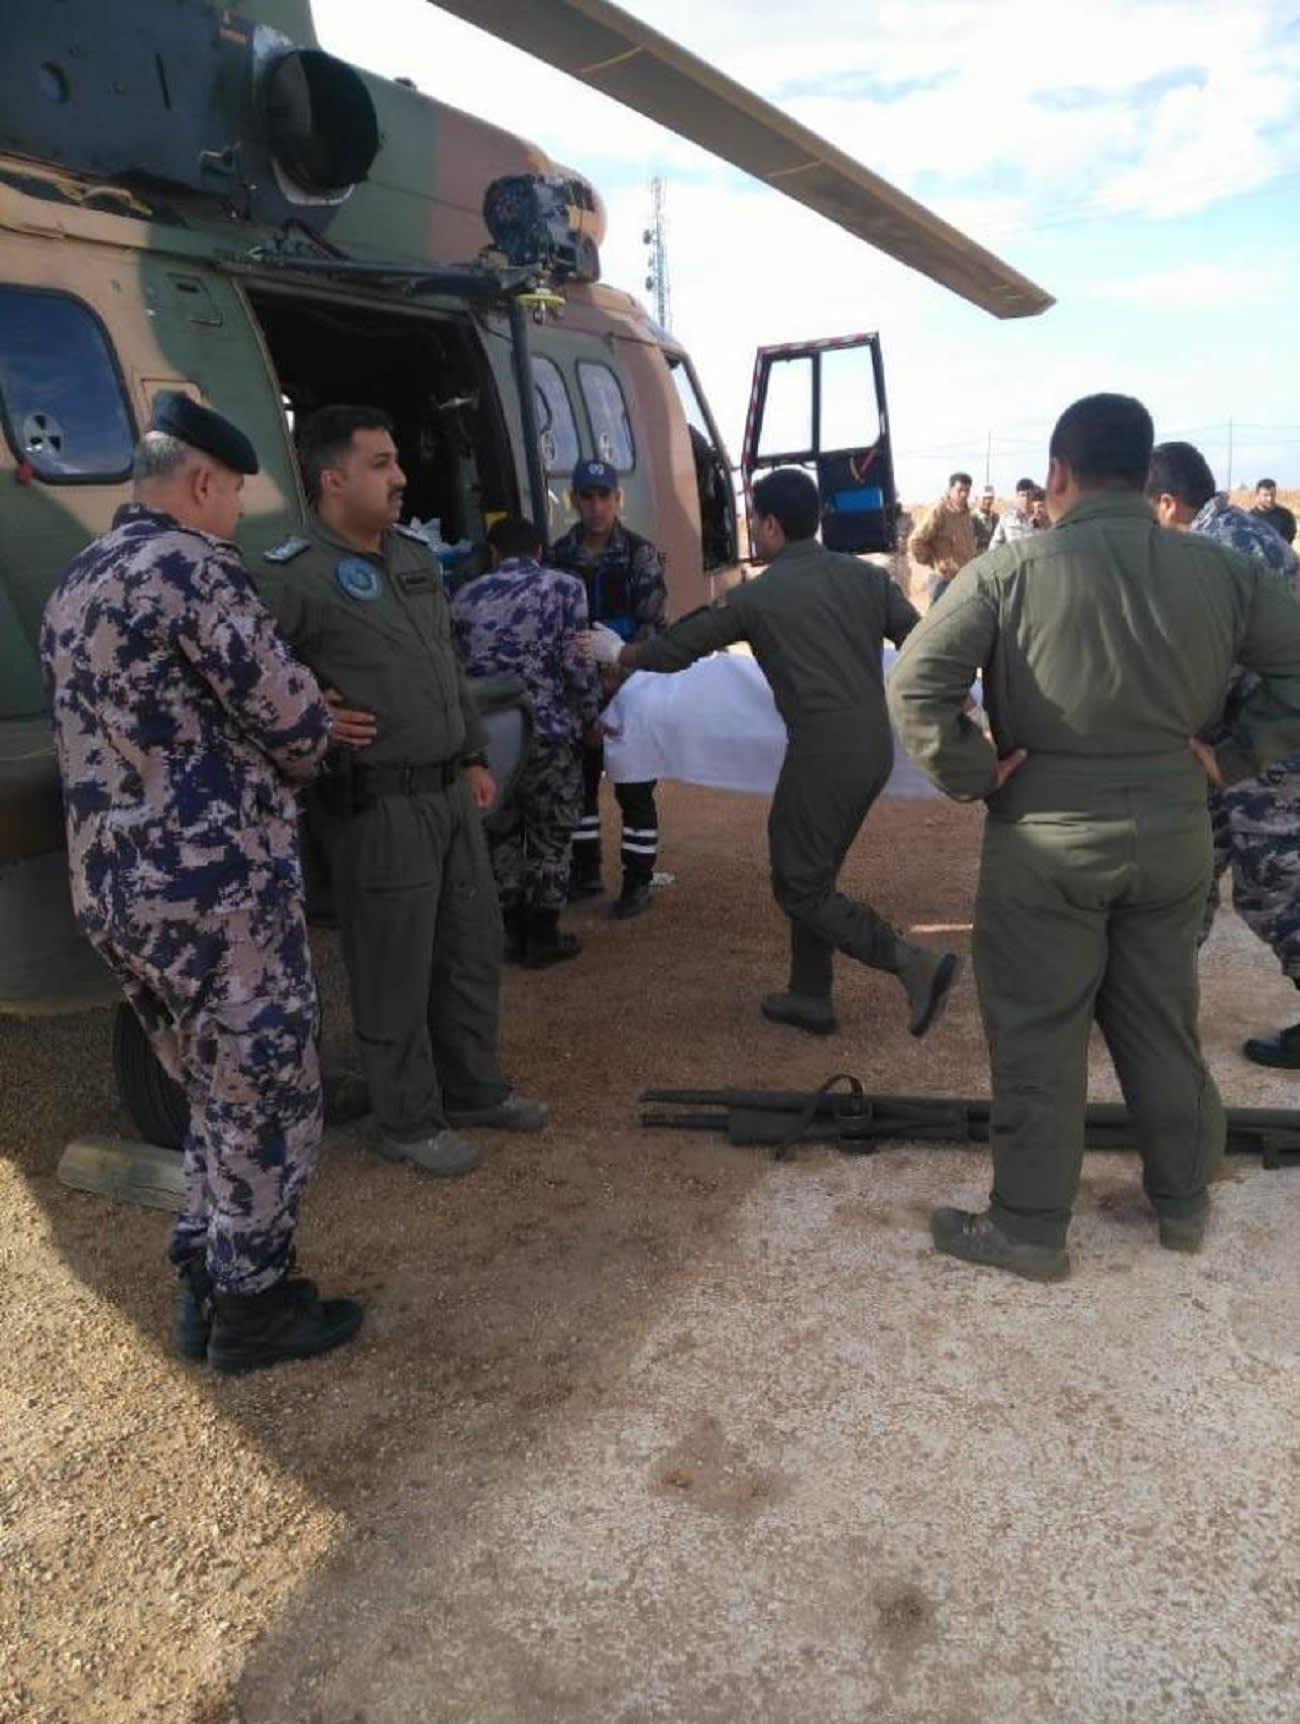 بتوجيهات ملك الأردن.. طائرة إخلاء طبي لـ4 جنود عراقيين إثر انفجار داخل حدود بلادهم